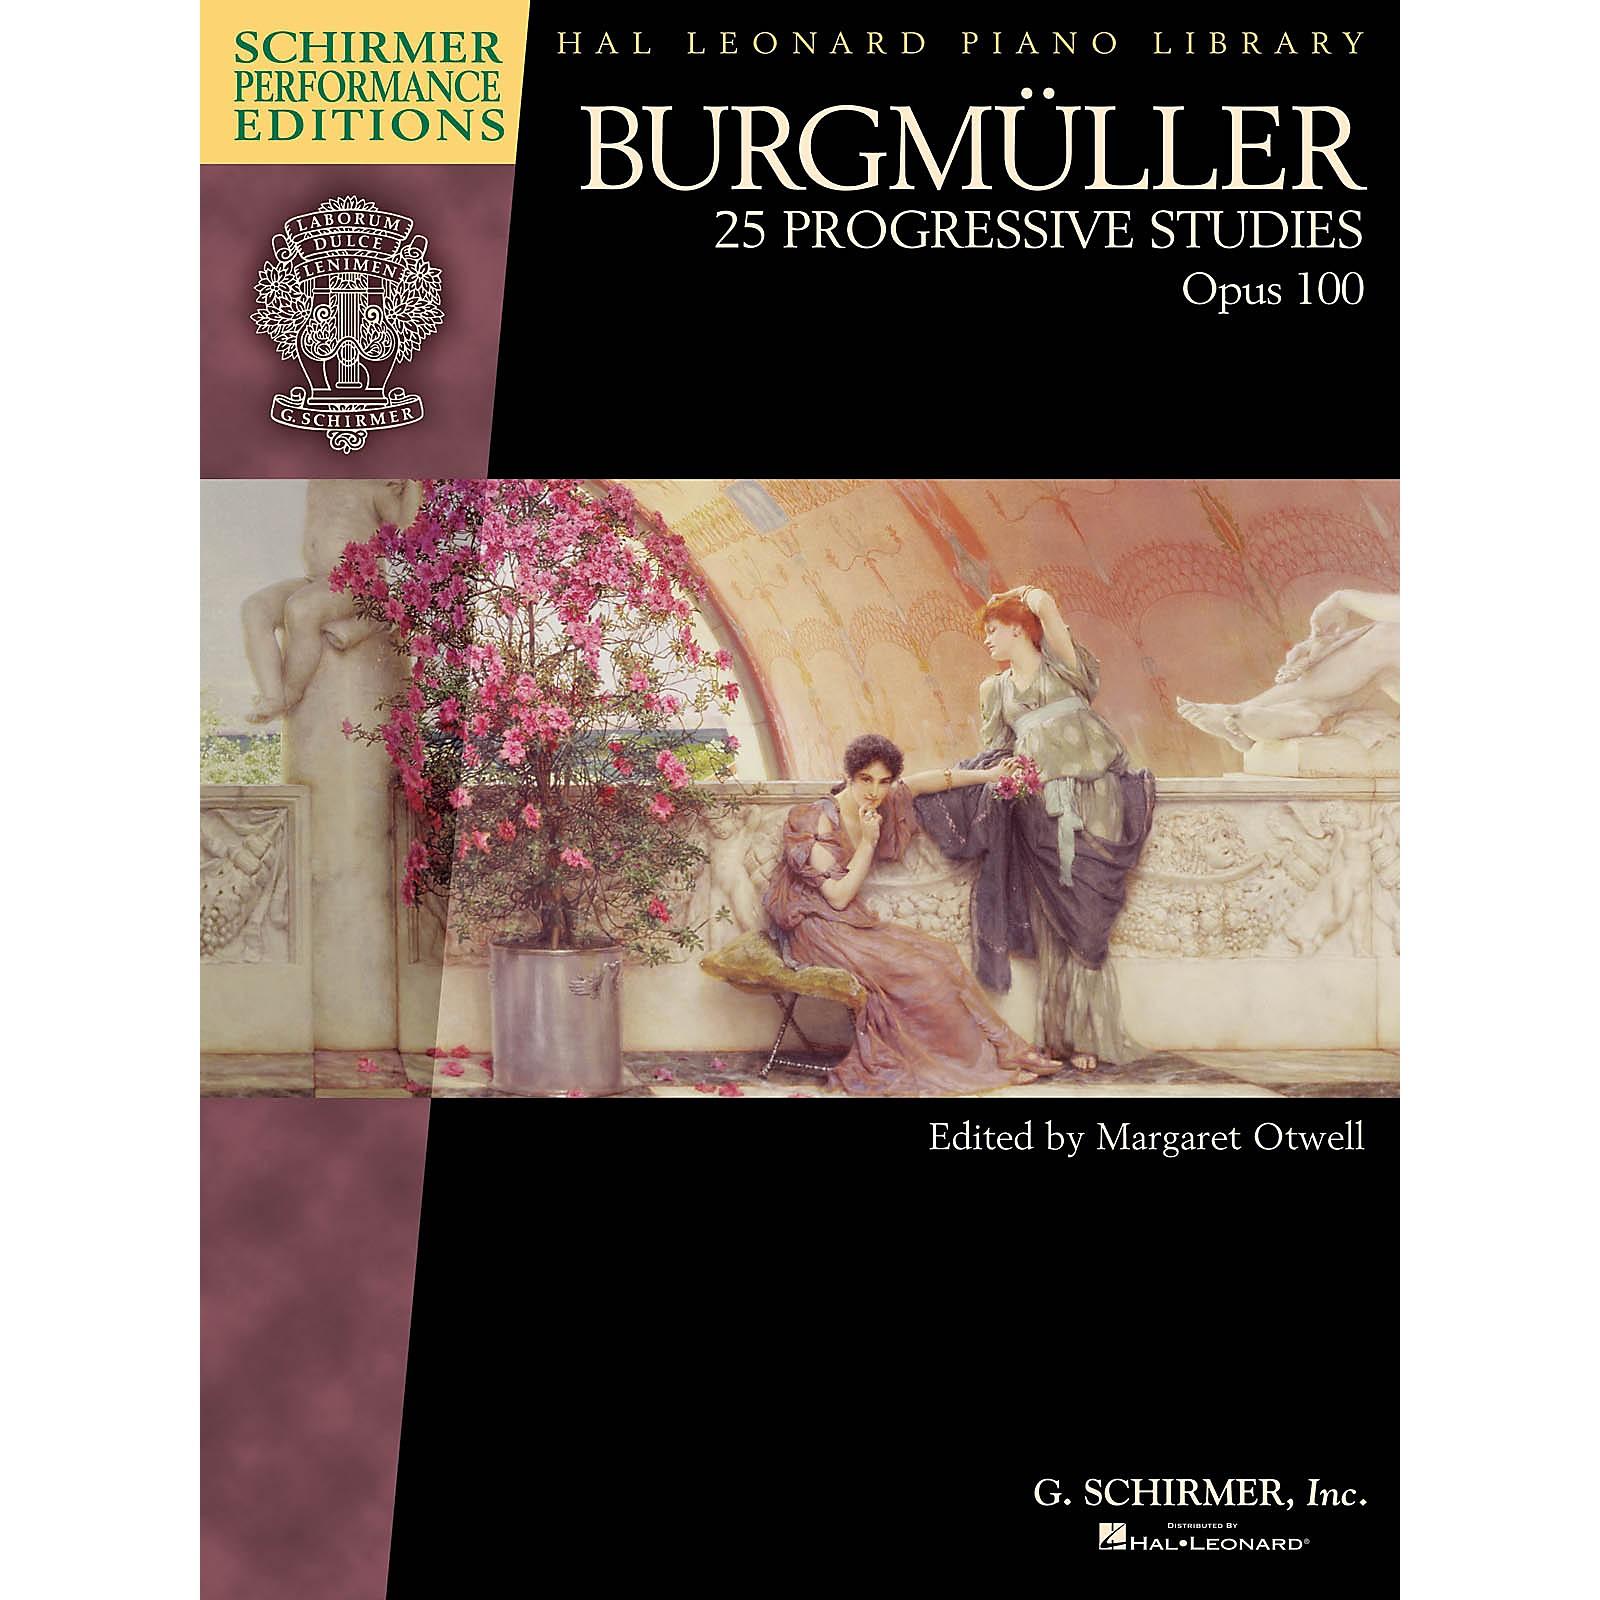 G. Schirmer Burgmuller - 25 Progressive Studies, Op 100 Schirmer Performance Editions by Burgmuller Edited by Otwell